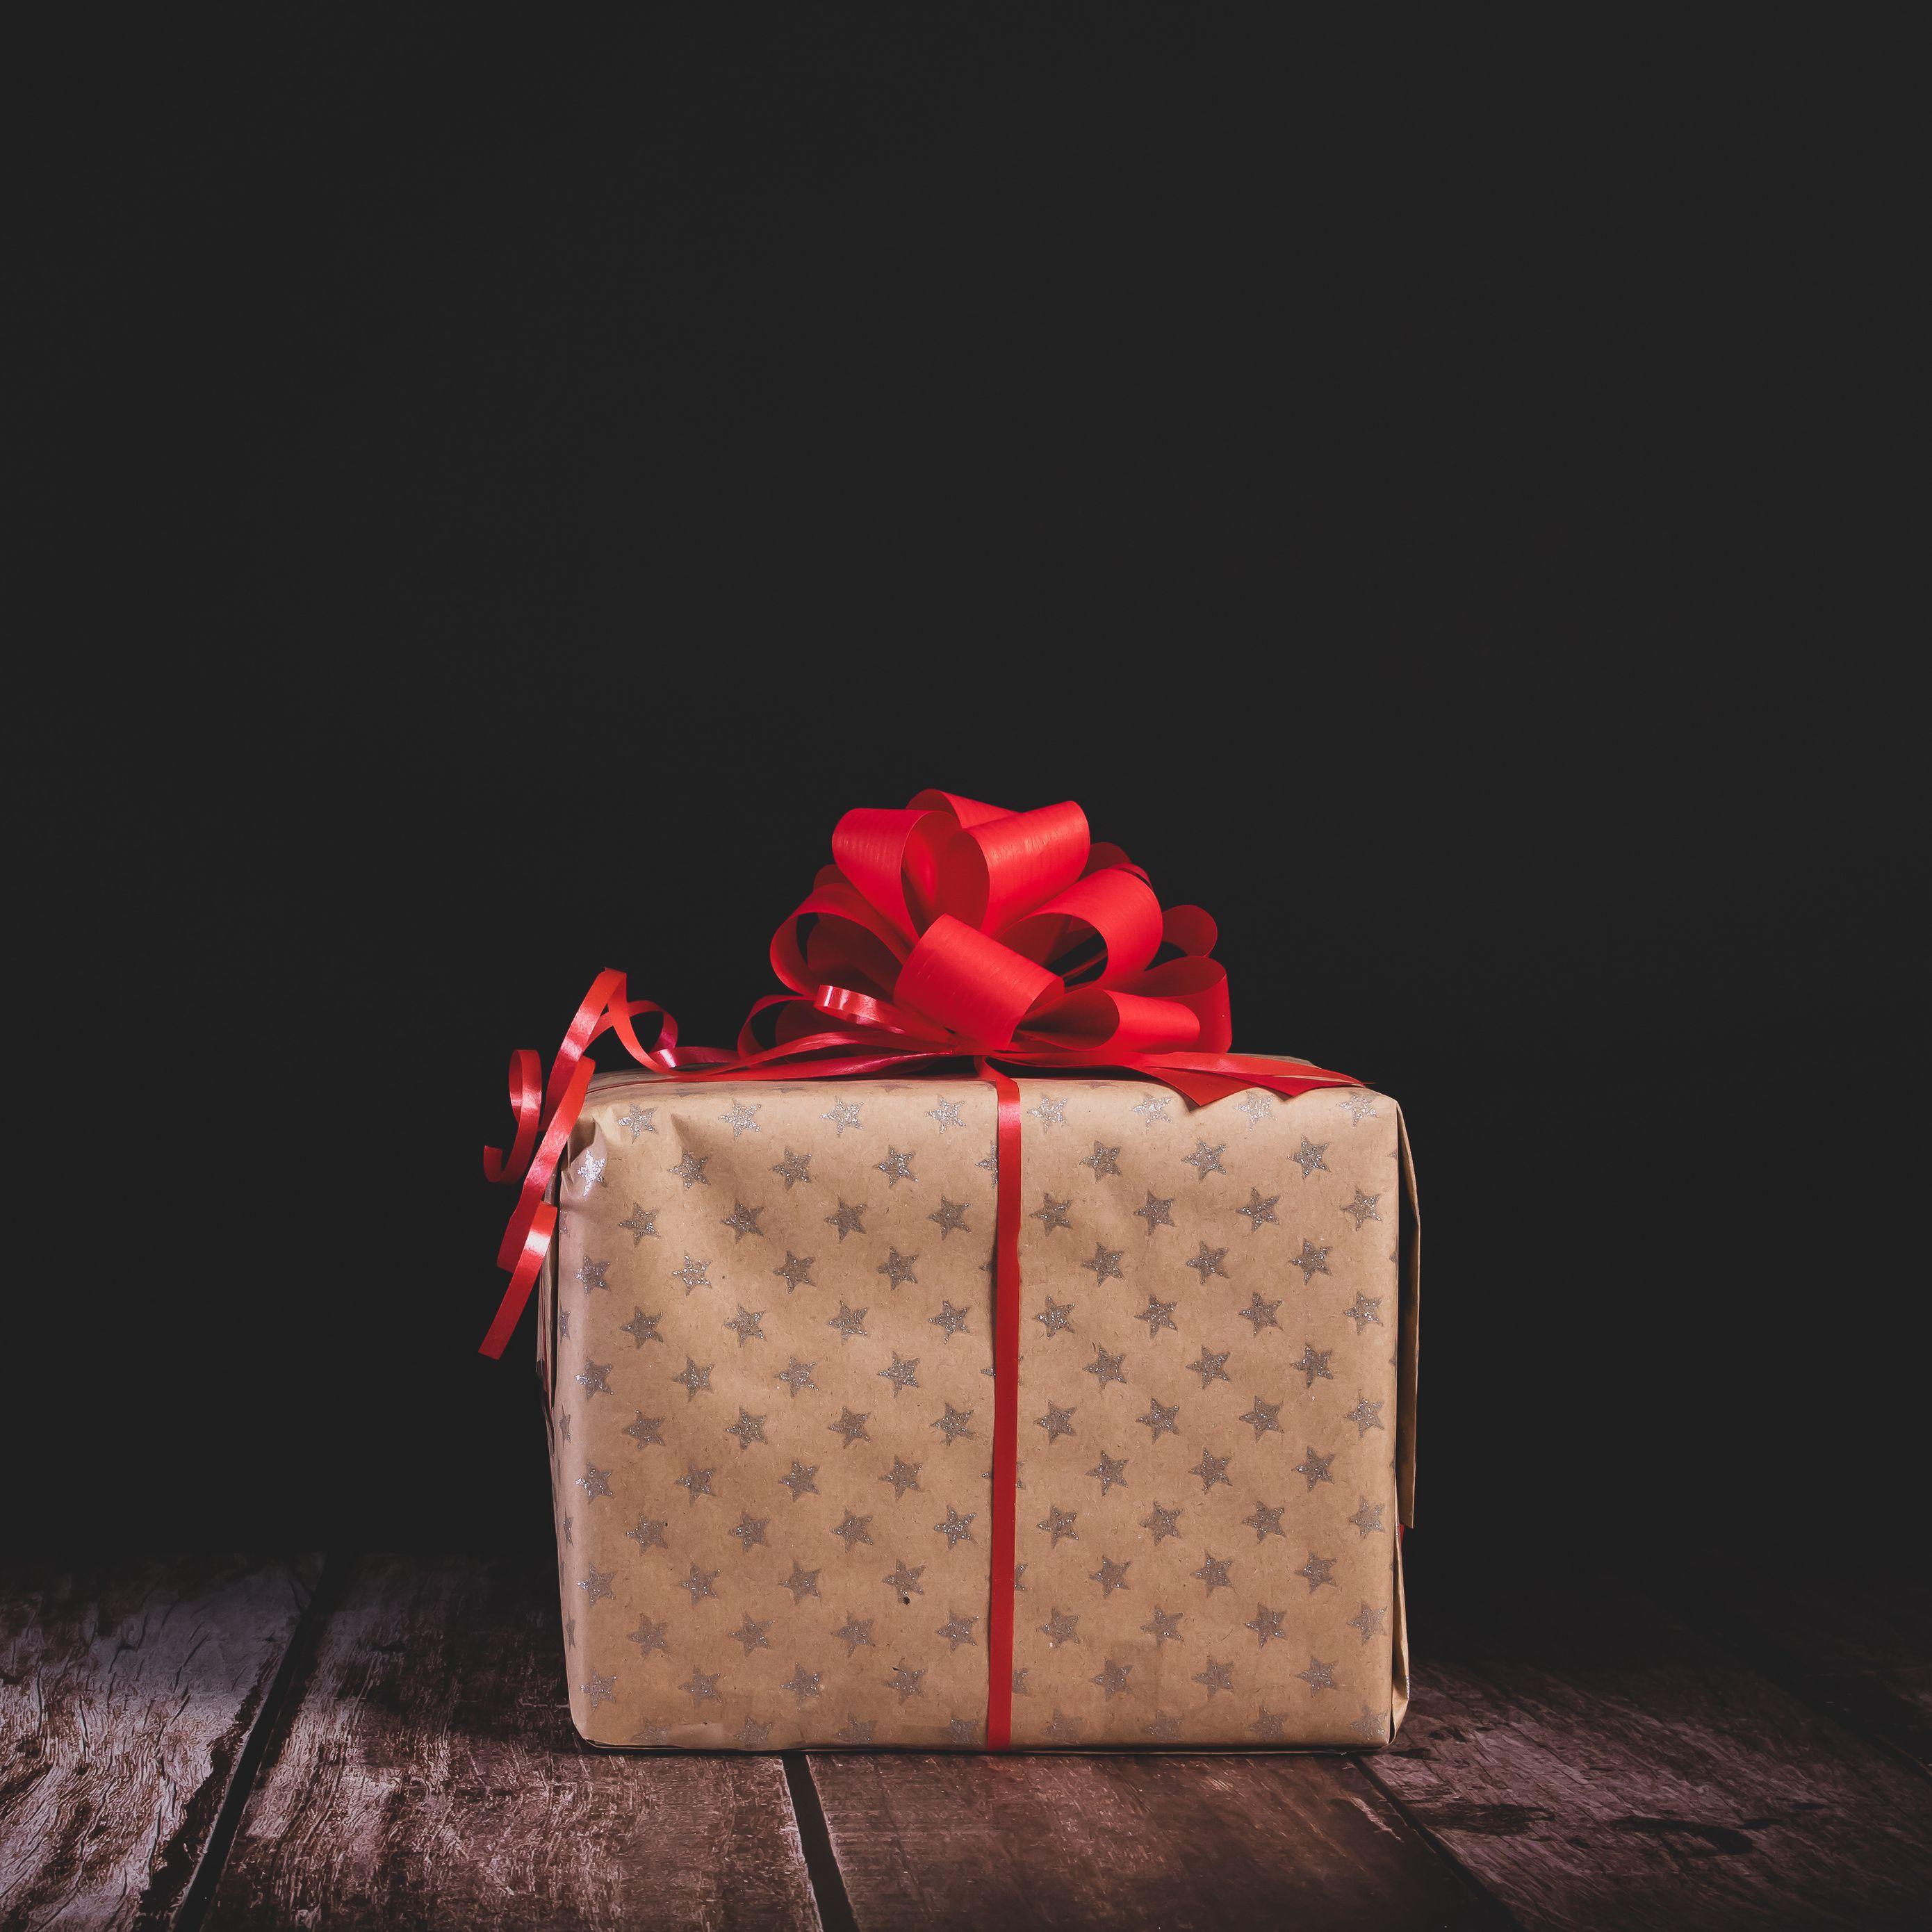 2780x2780 Wallpaper gift, box, bow, holiday